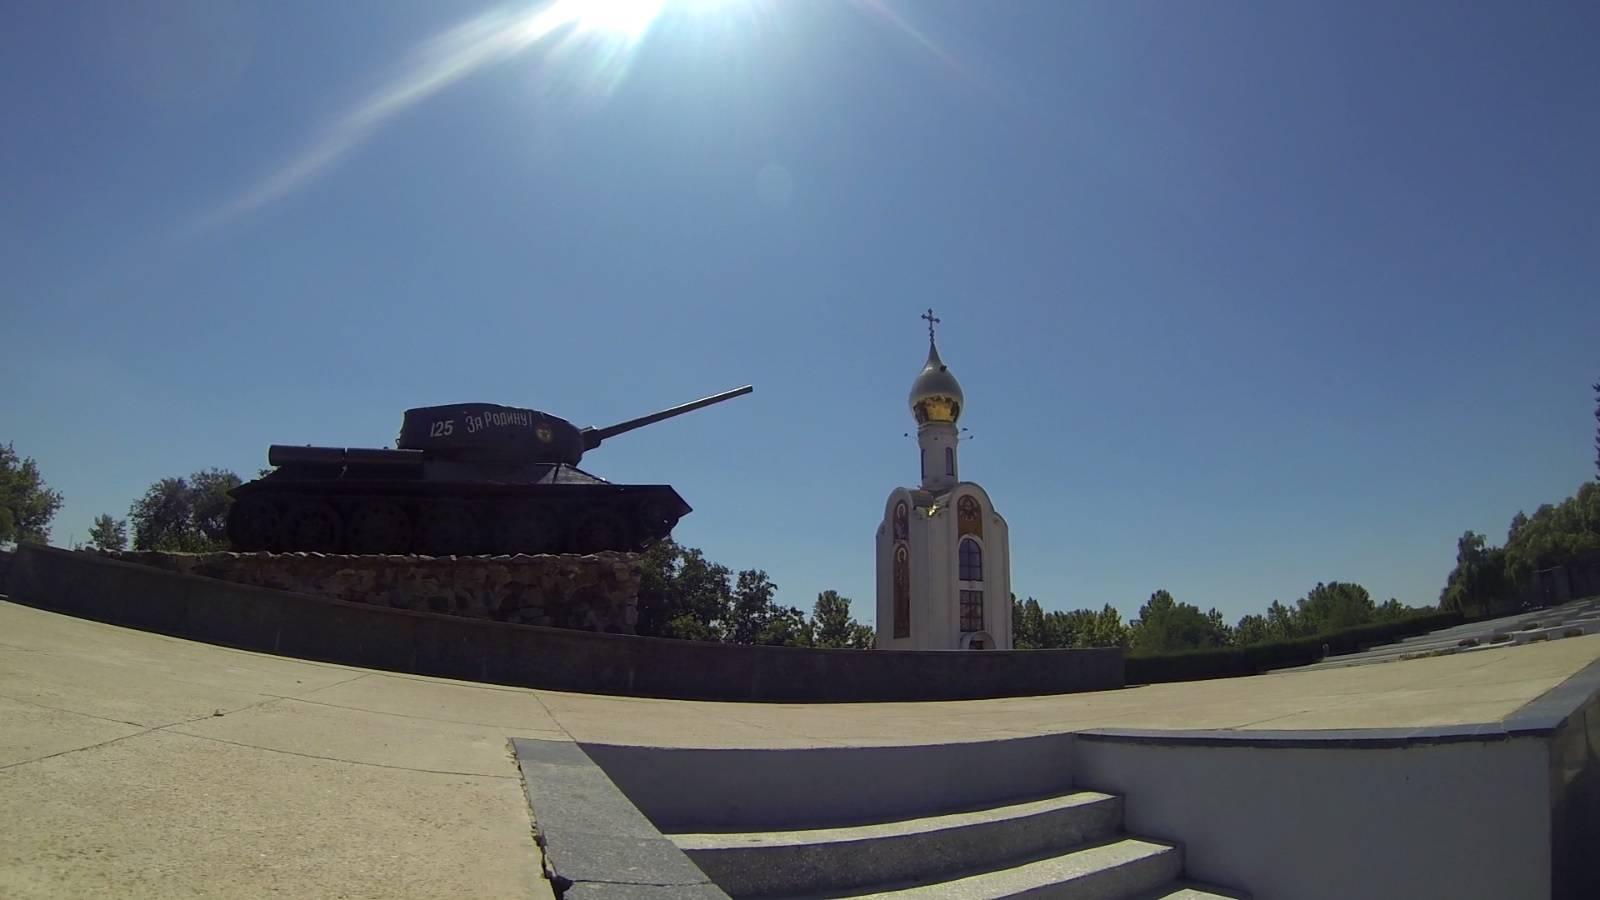 Photo 1: Tiraspol, capitale de la Transnistrie, le dernier pays d'URSS